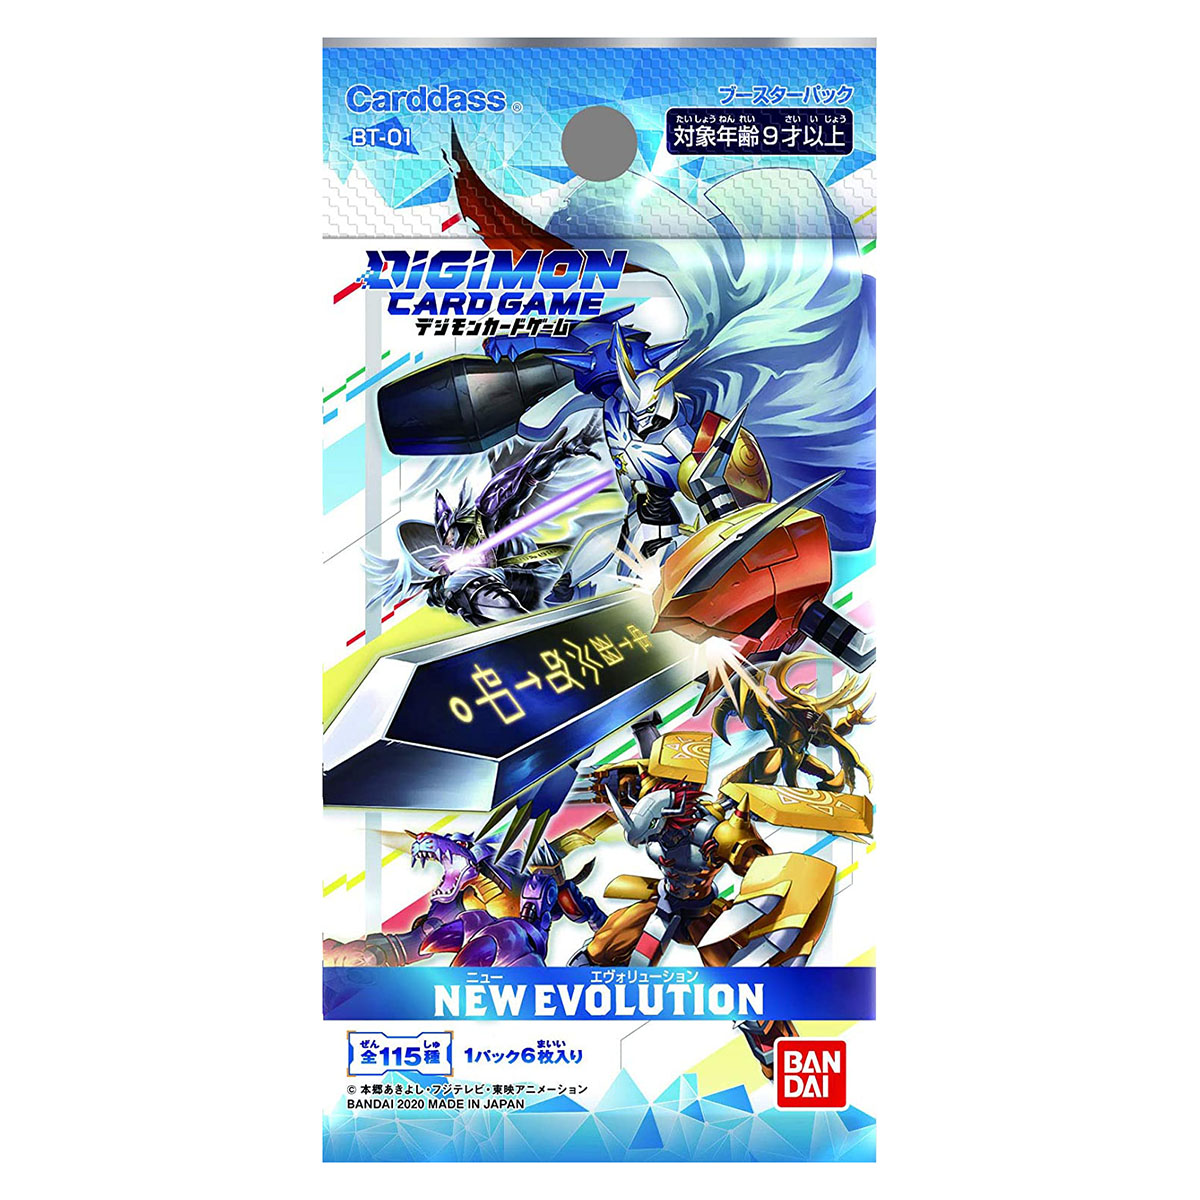 デジモンカードゲーム『ブースターver.1.0 NEW EVOLUTION』24パック入りBOX-002